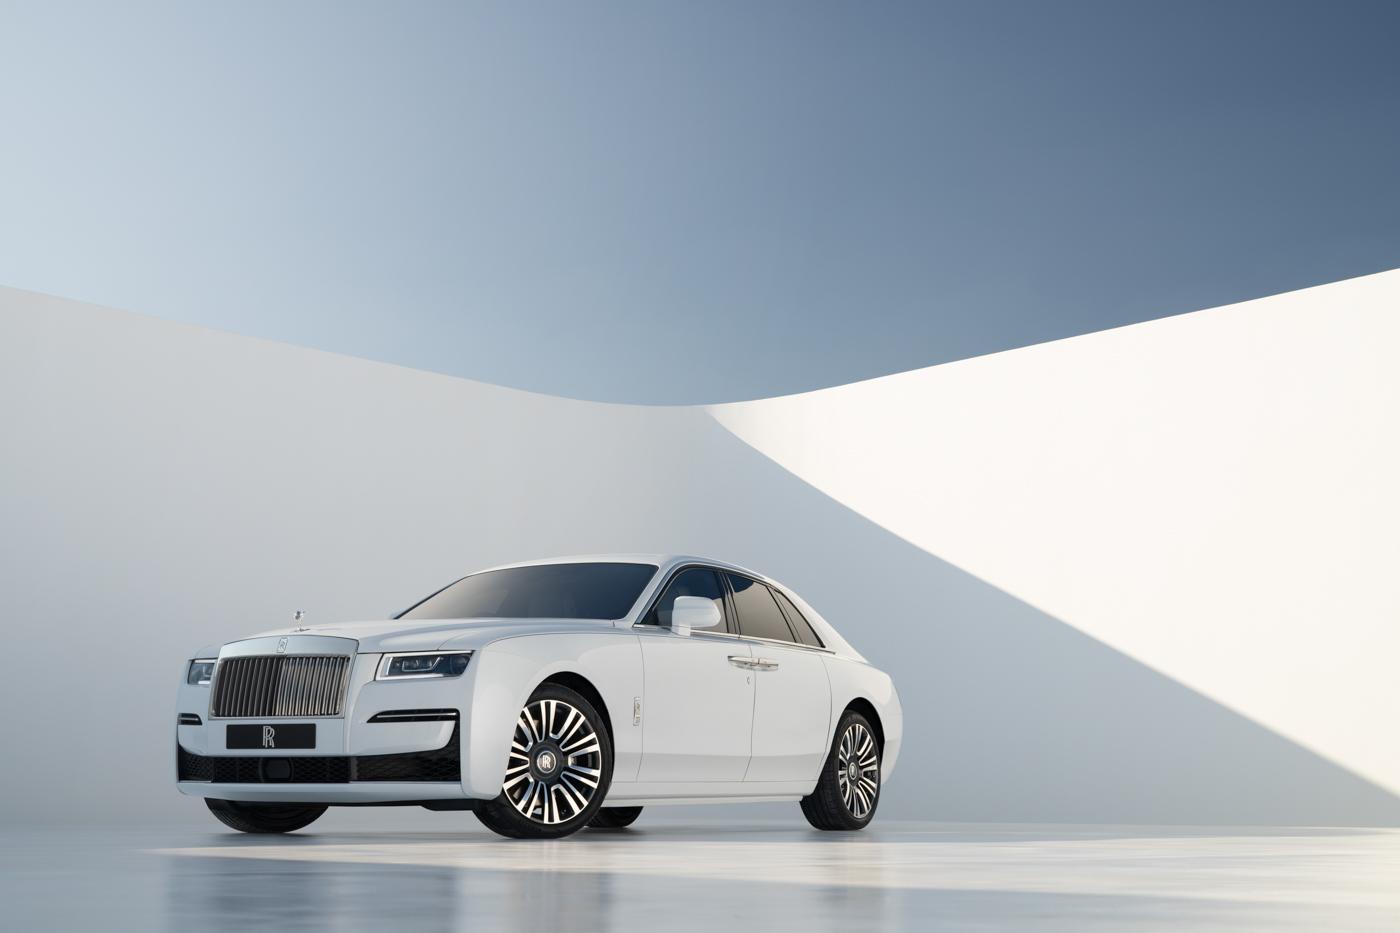 Rolls-Royce-NewGhost-biểu-tượng-xa-hoa-thế-hệ-mới-ra-mắt-khách-hàng-Việt.jpg